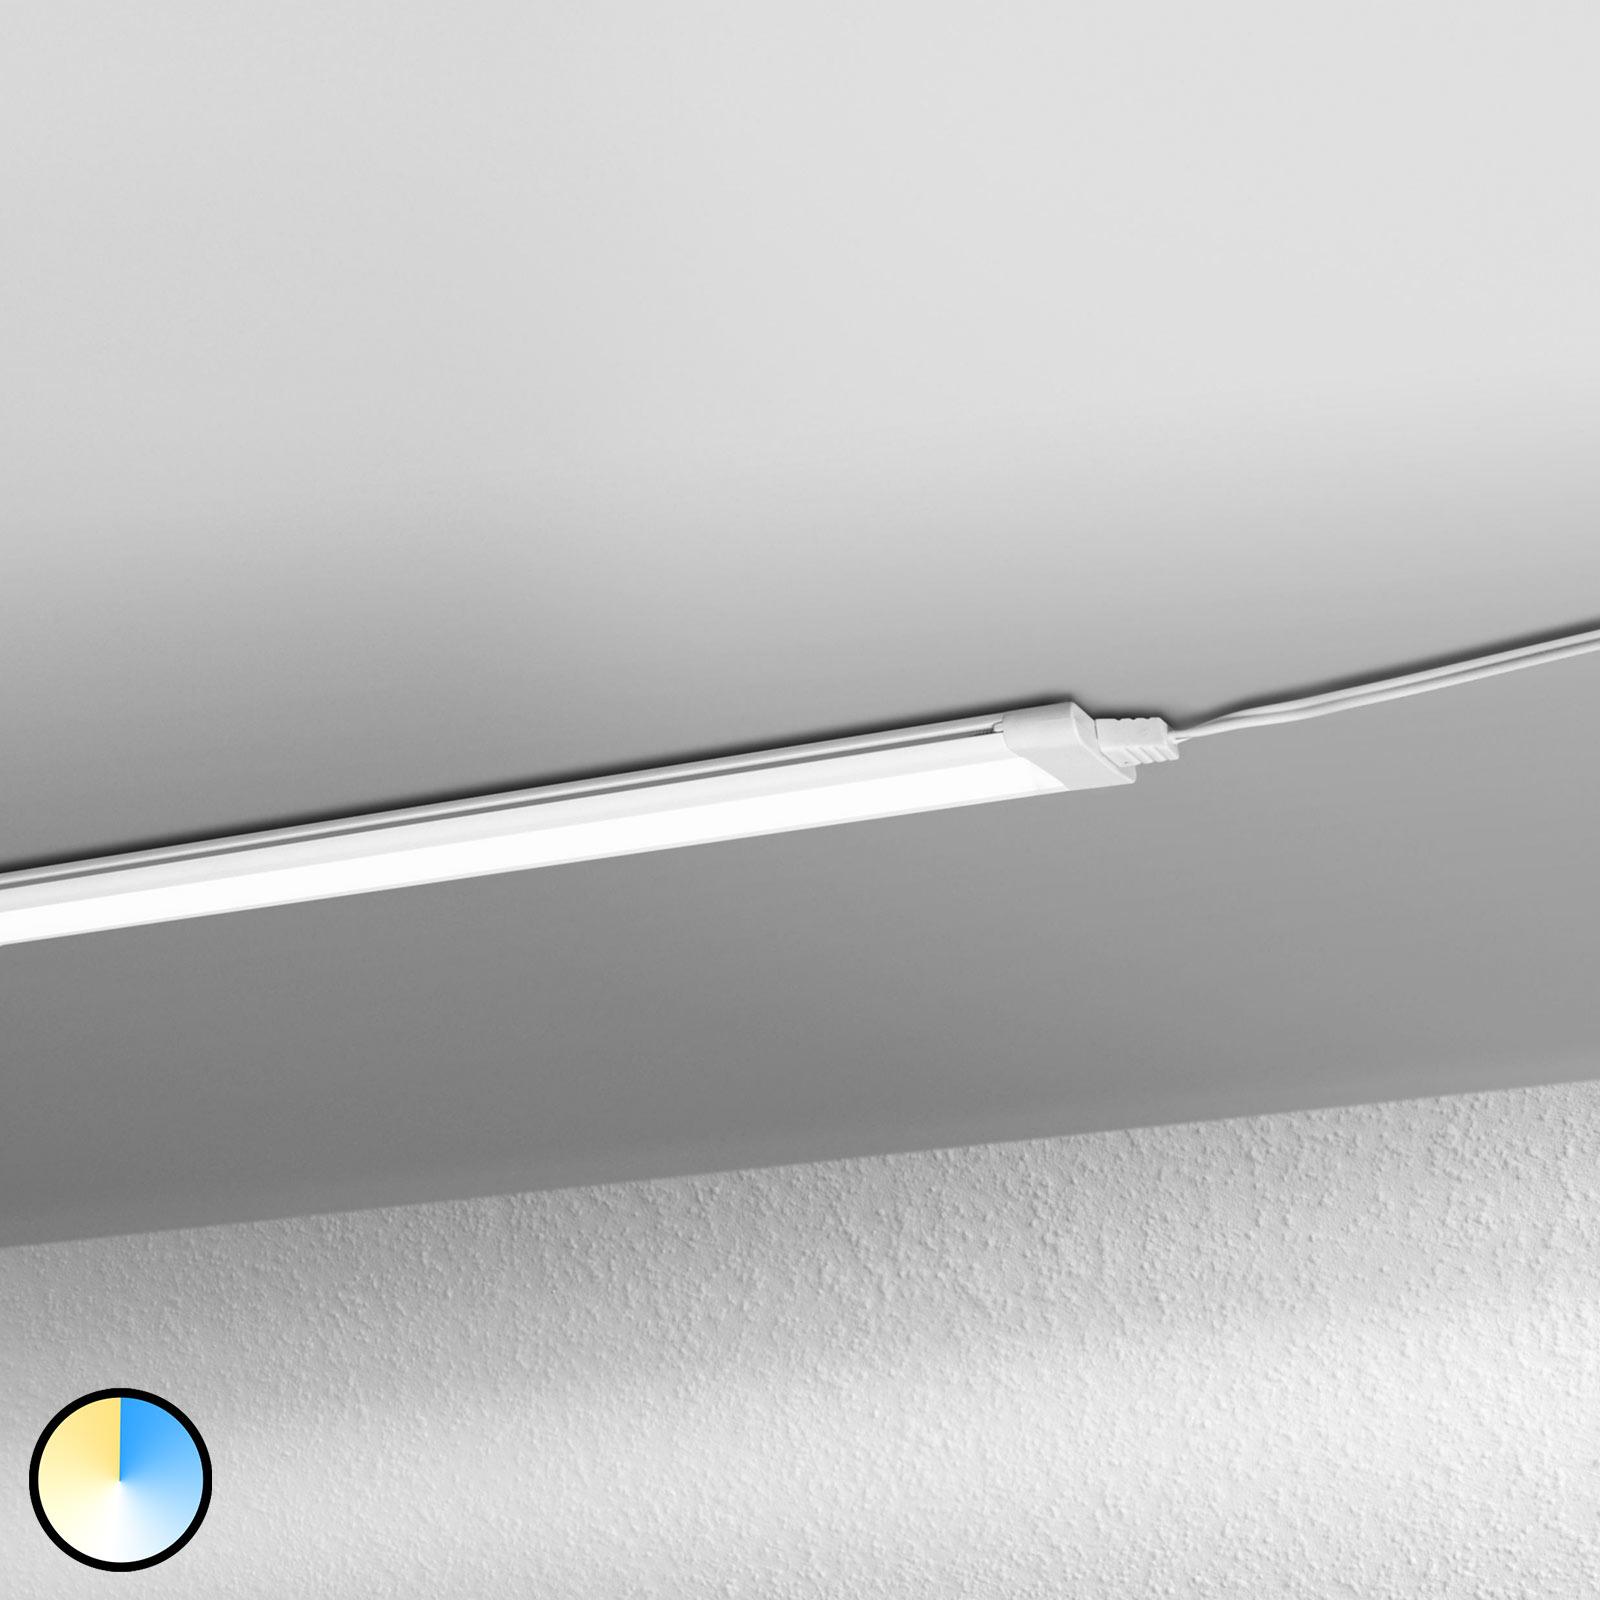 LEDVANCE SMART+ ZigBee Undercabinet Basis, 50cm_6106247_1